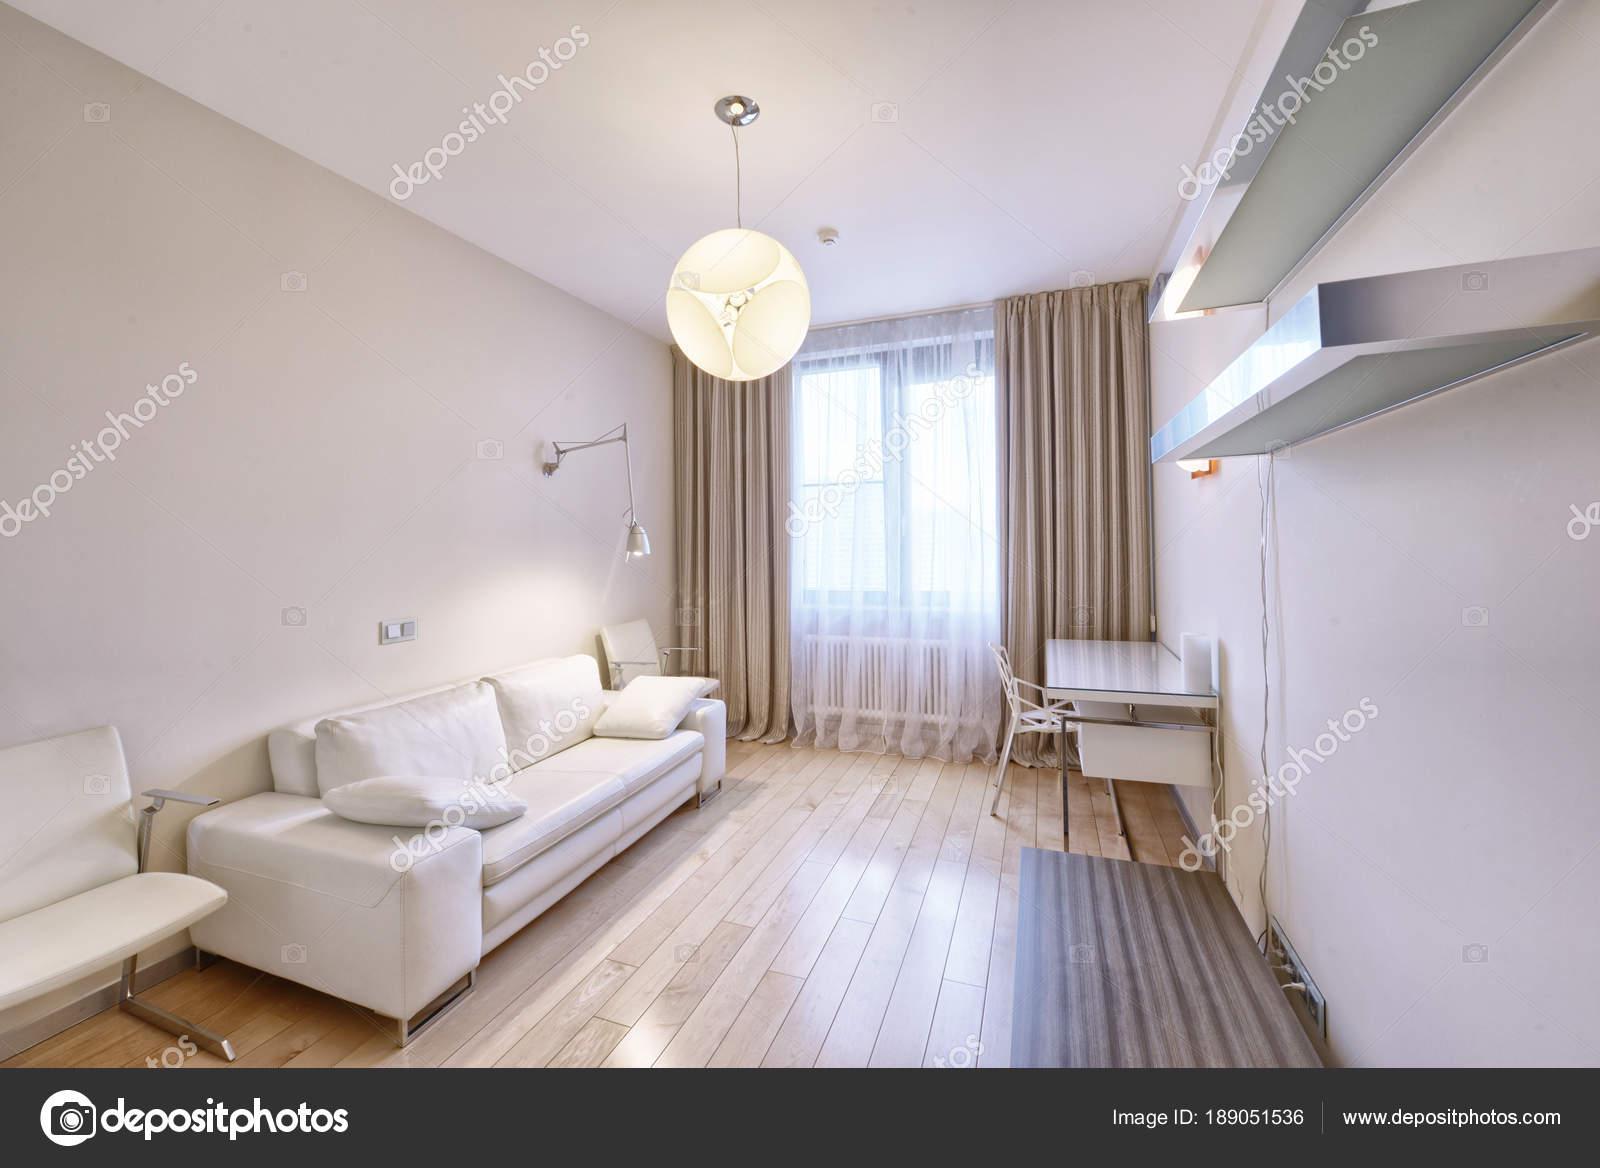 Zimmer Nach Innen Modernes Haus — Stockfoto © ovchinnikovfoto #189051536